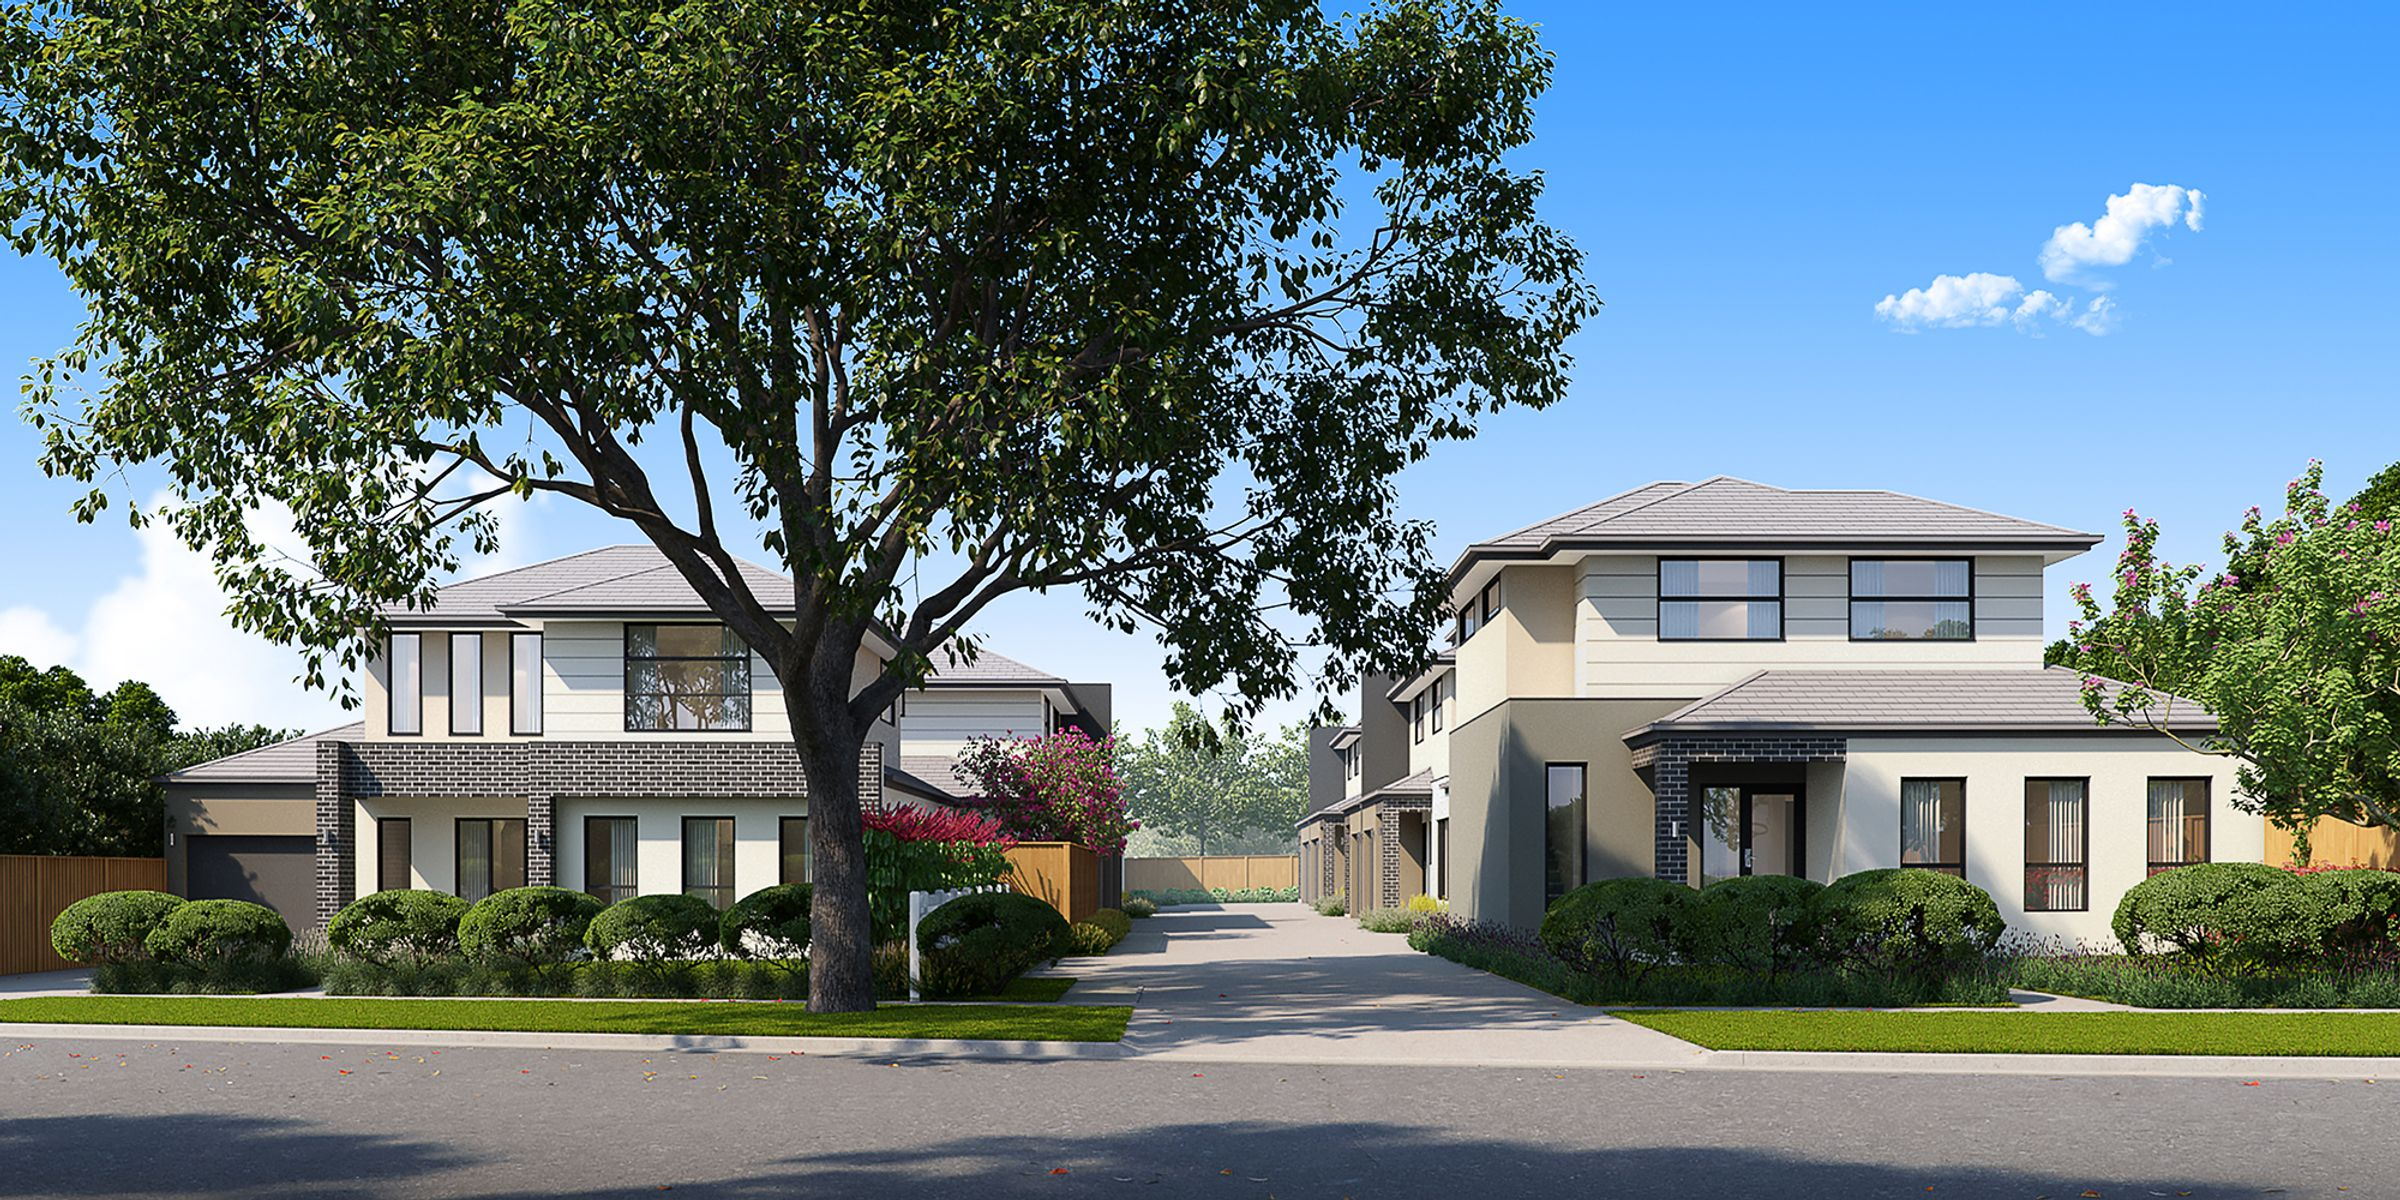 10/75-77 Cheviot Avenue, Berwick, VIC 3806